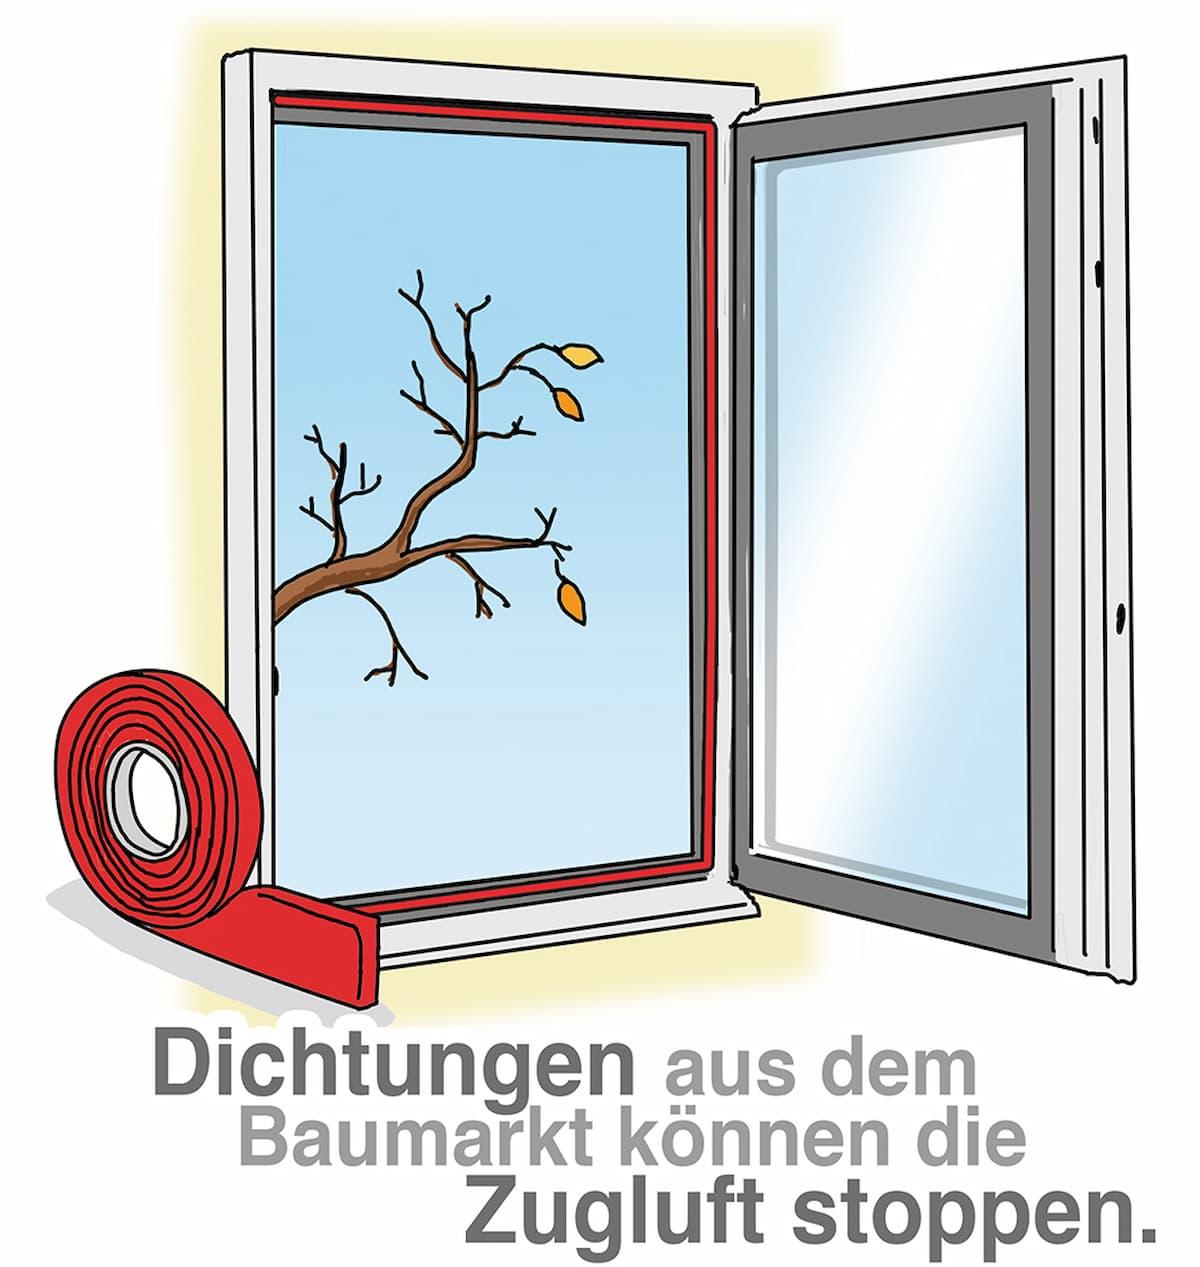 Neue Dichtungen machen das Fenster dicht und stoppen die Zugluft